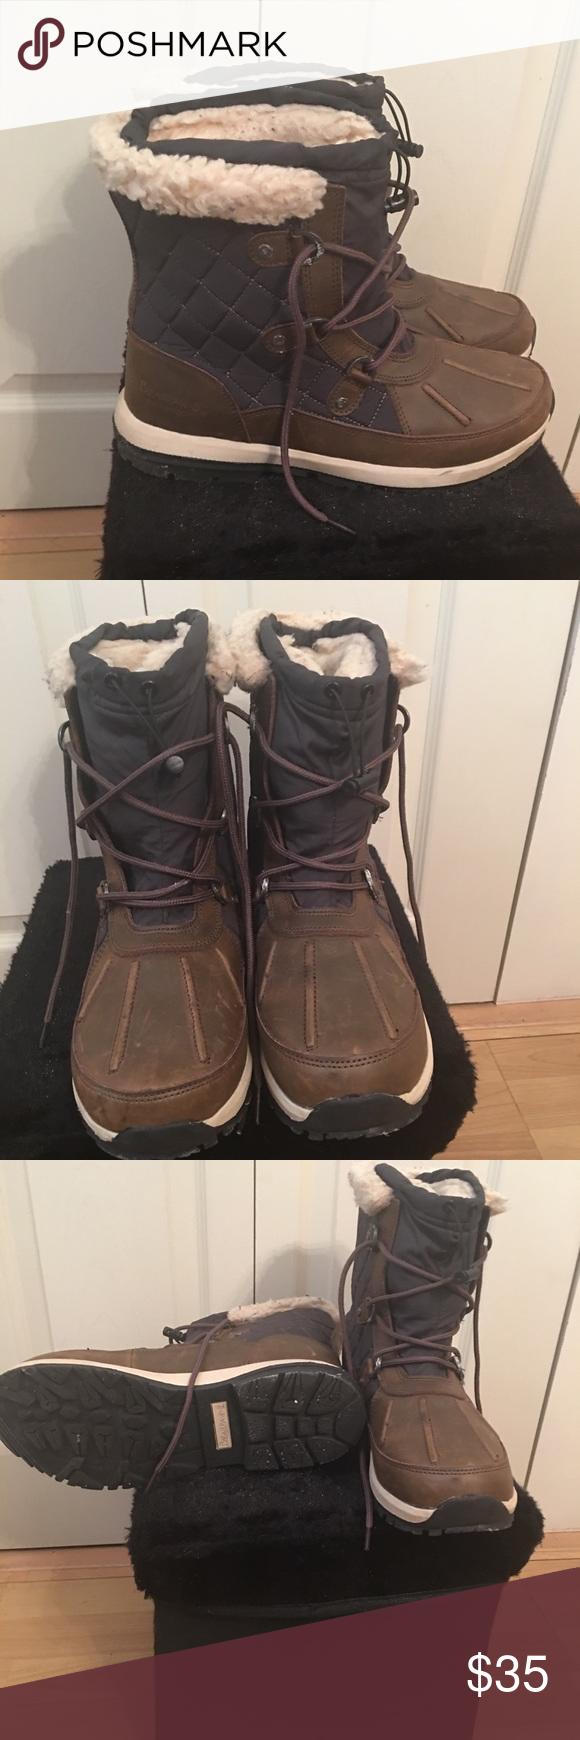 f5ae400abe5 Women's Bearpaw boots Women's size 11 Bearpaw Bethany waterproof ...